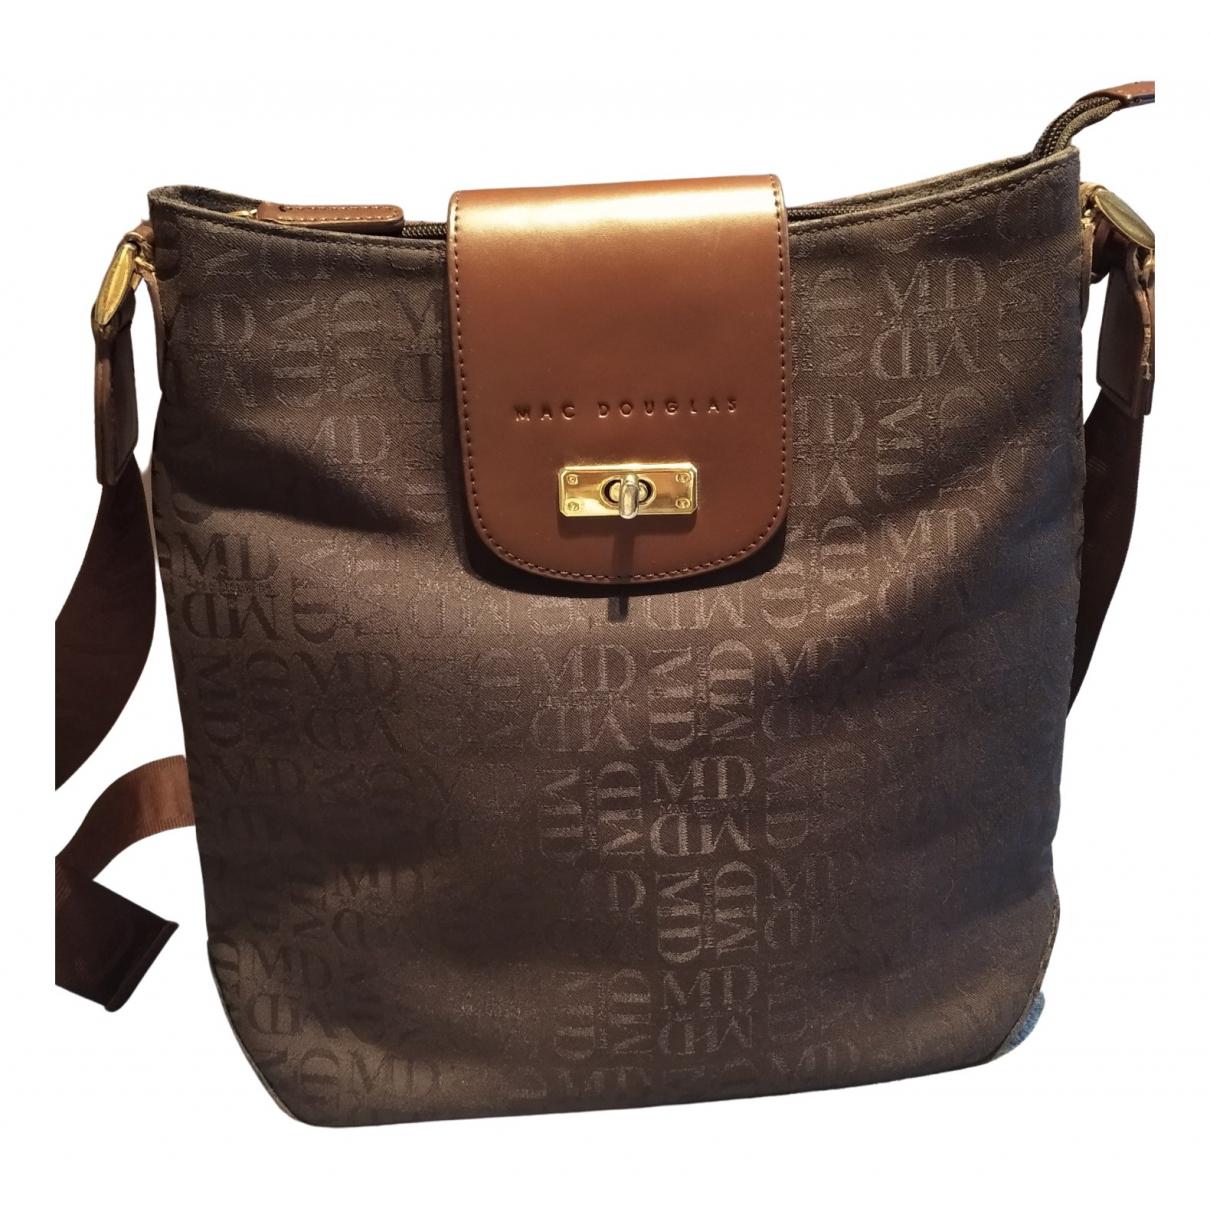 Mac Douglas \N Handtasche in  Braun Leinen